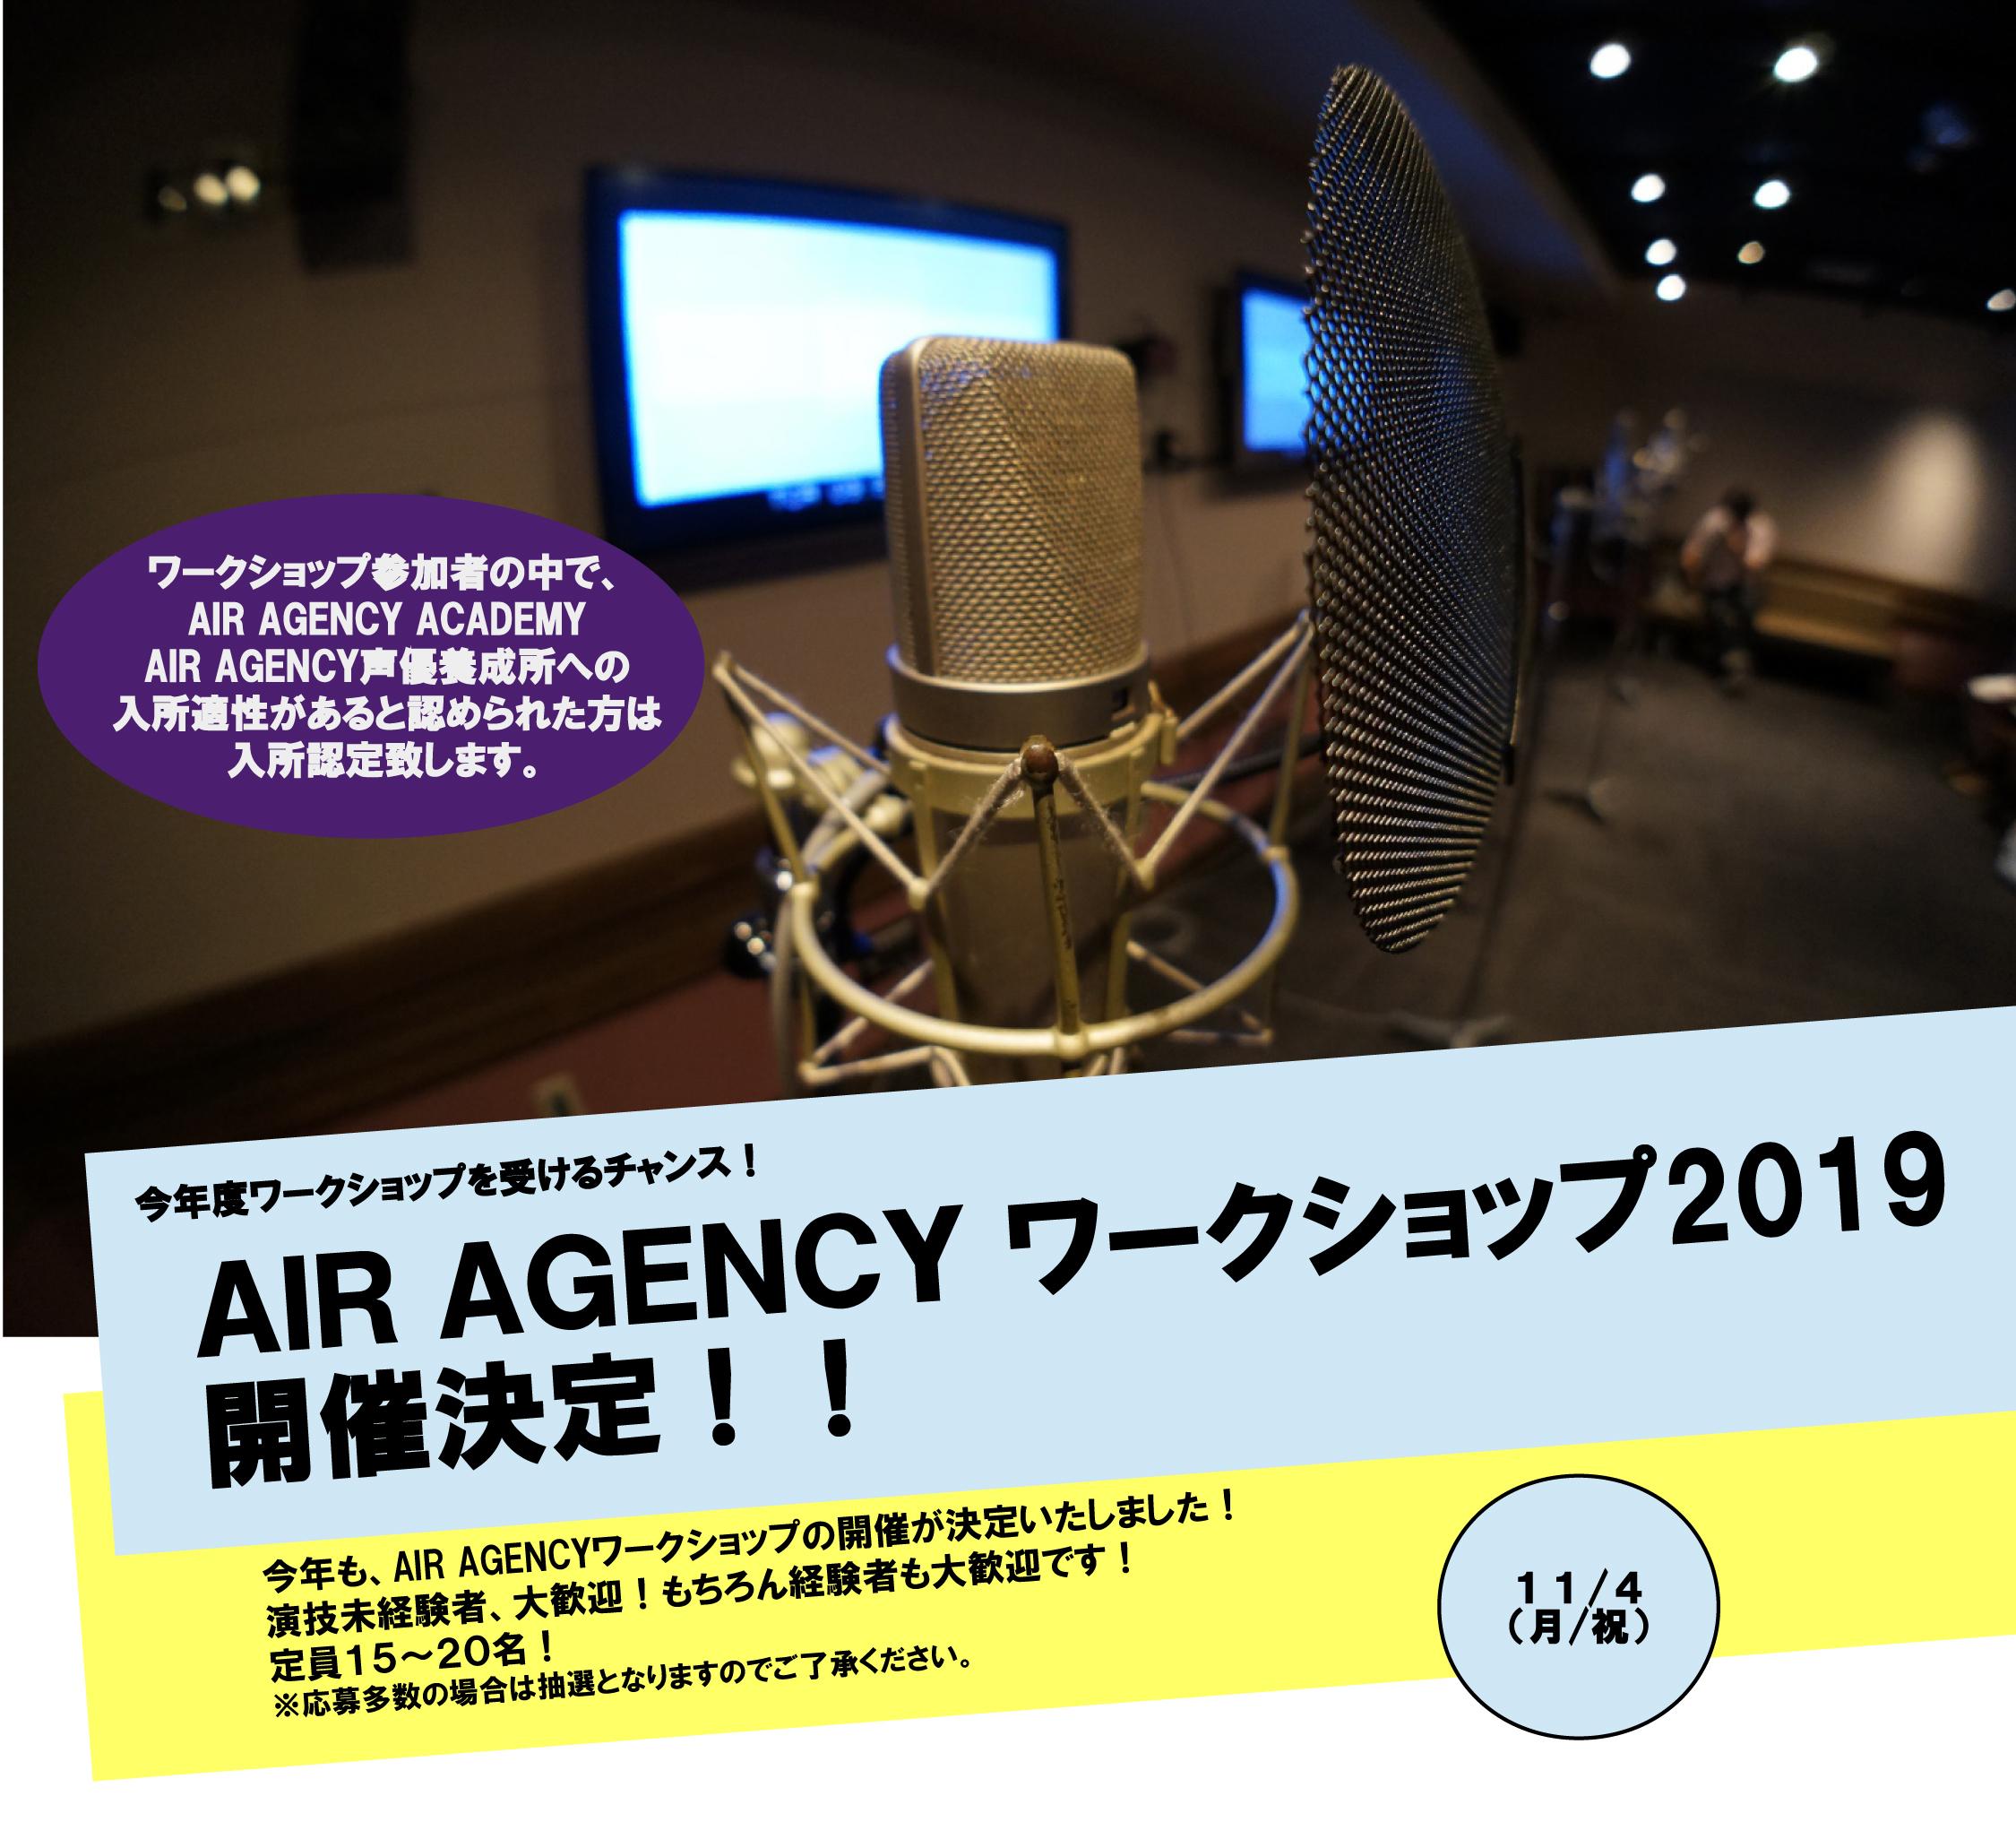 【2019.8.5修正】ワークショップ2019ロゴ